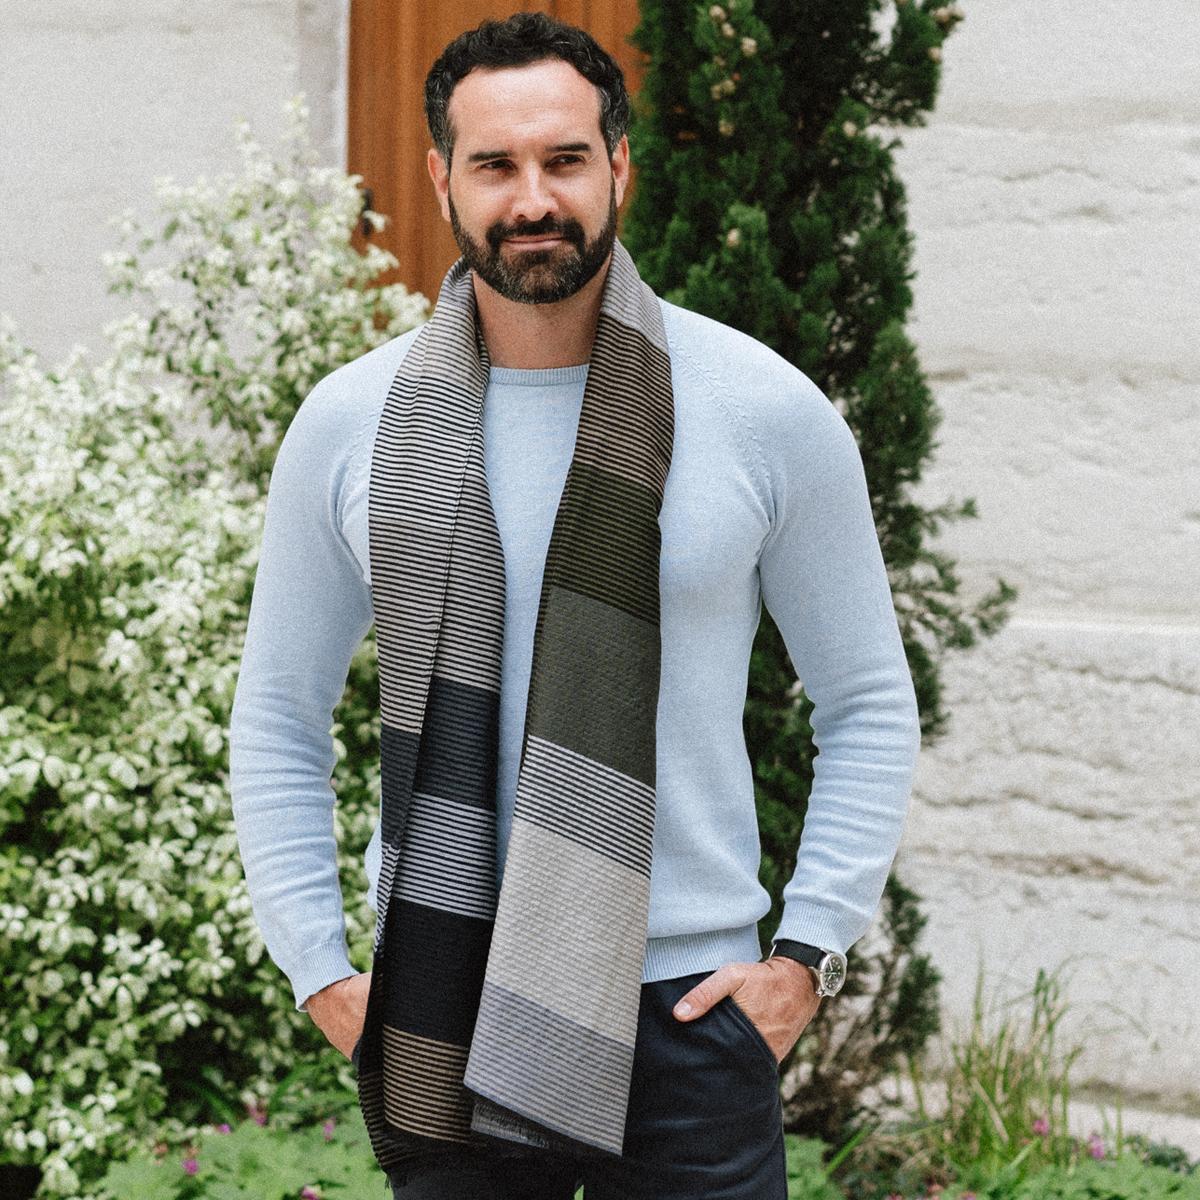 echarpe homme ou femme fines rayures gris en laine coton soie. Black Bedroom Furniture Sets. Home Design Ideas